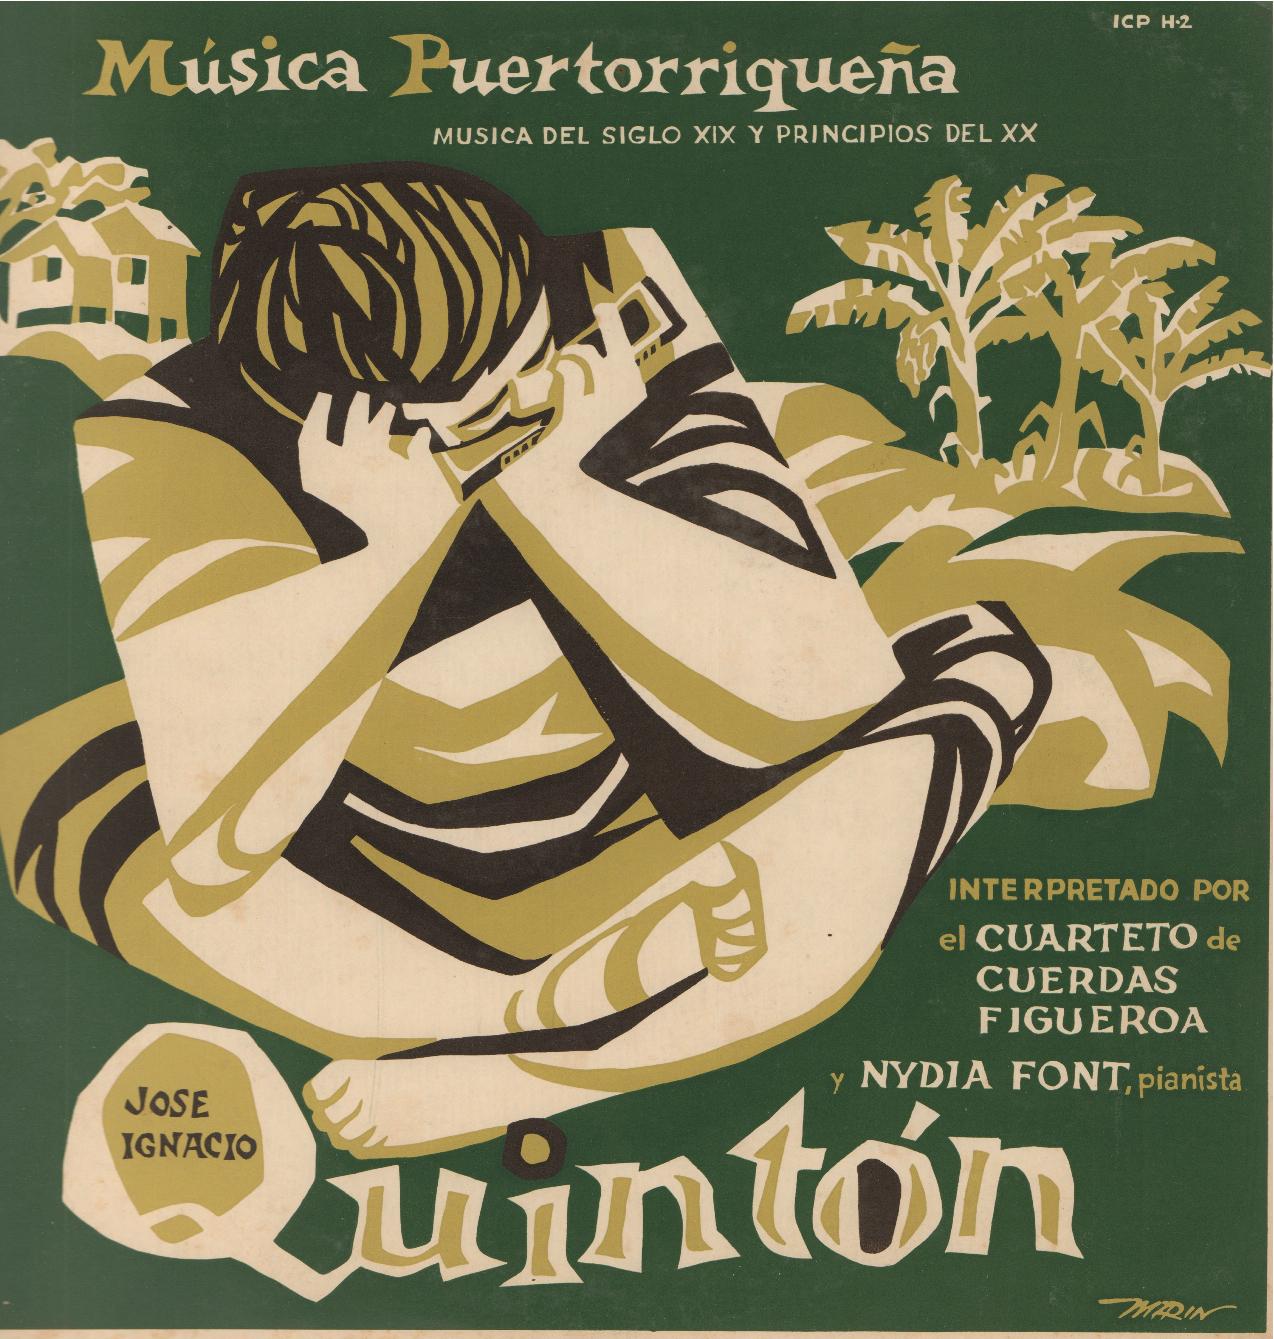 La Música de José I. Quintón